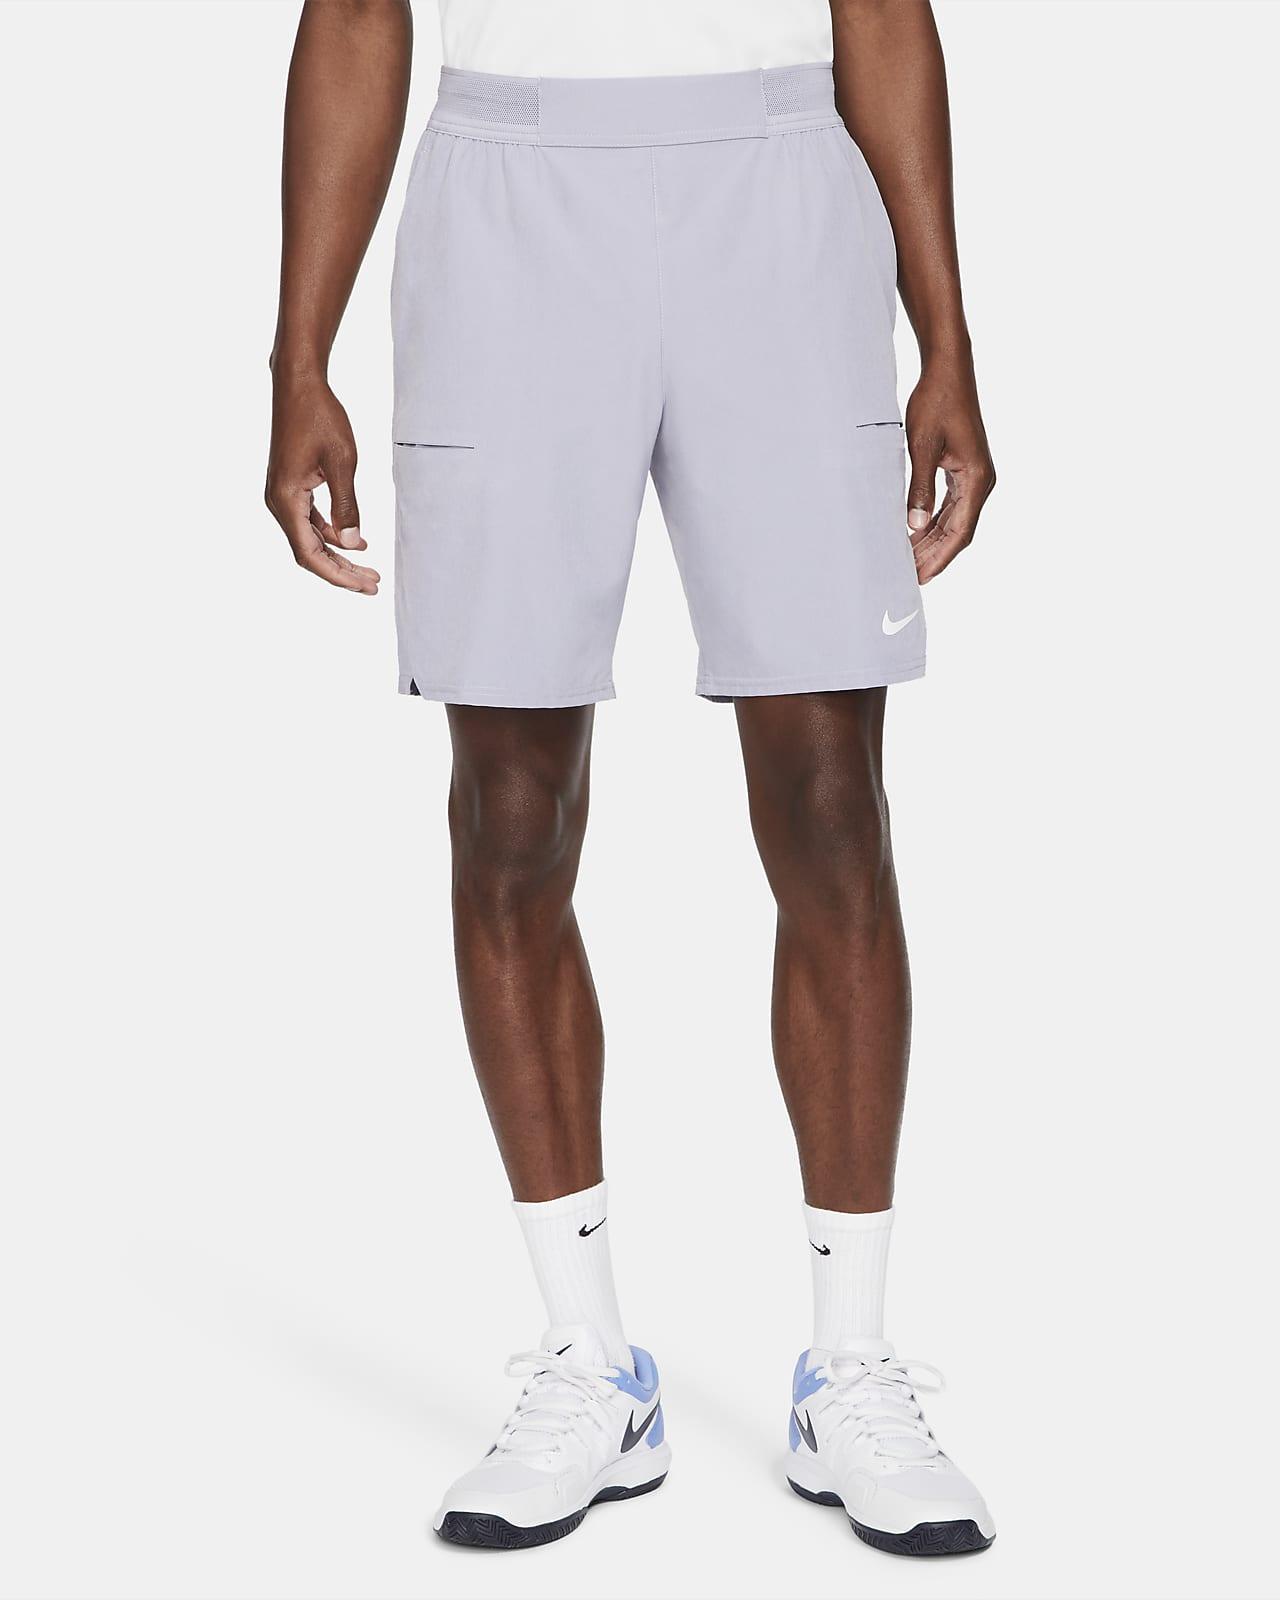 Мужские теннисные шорты NikeCourt Dri-FIT Advantage 23 см